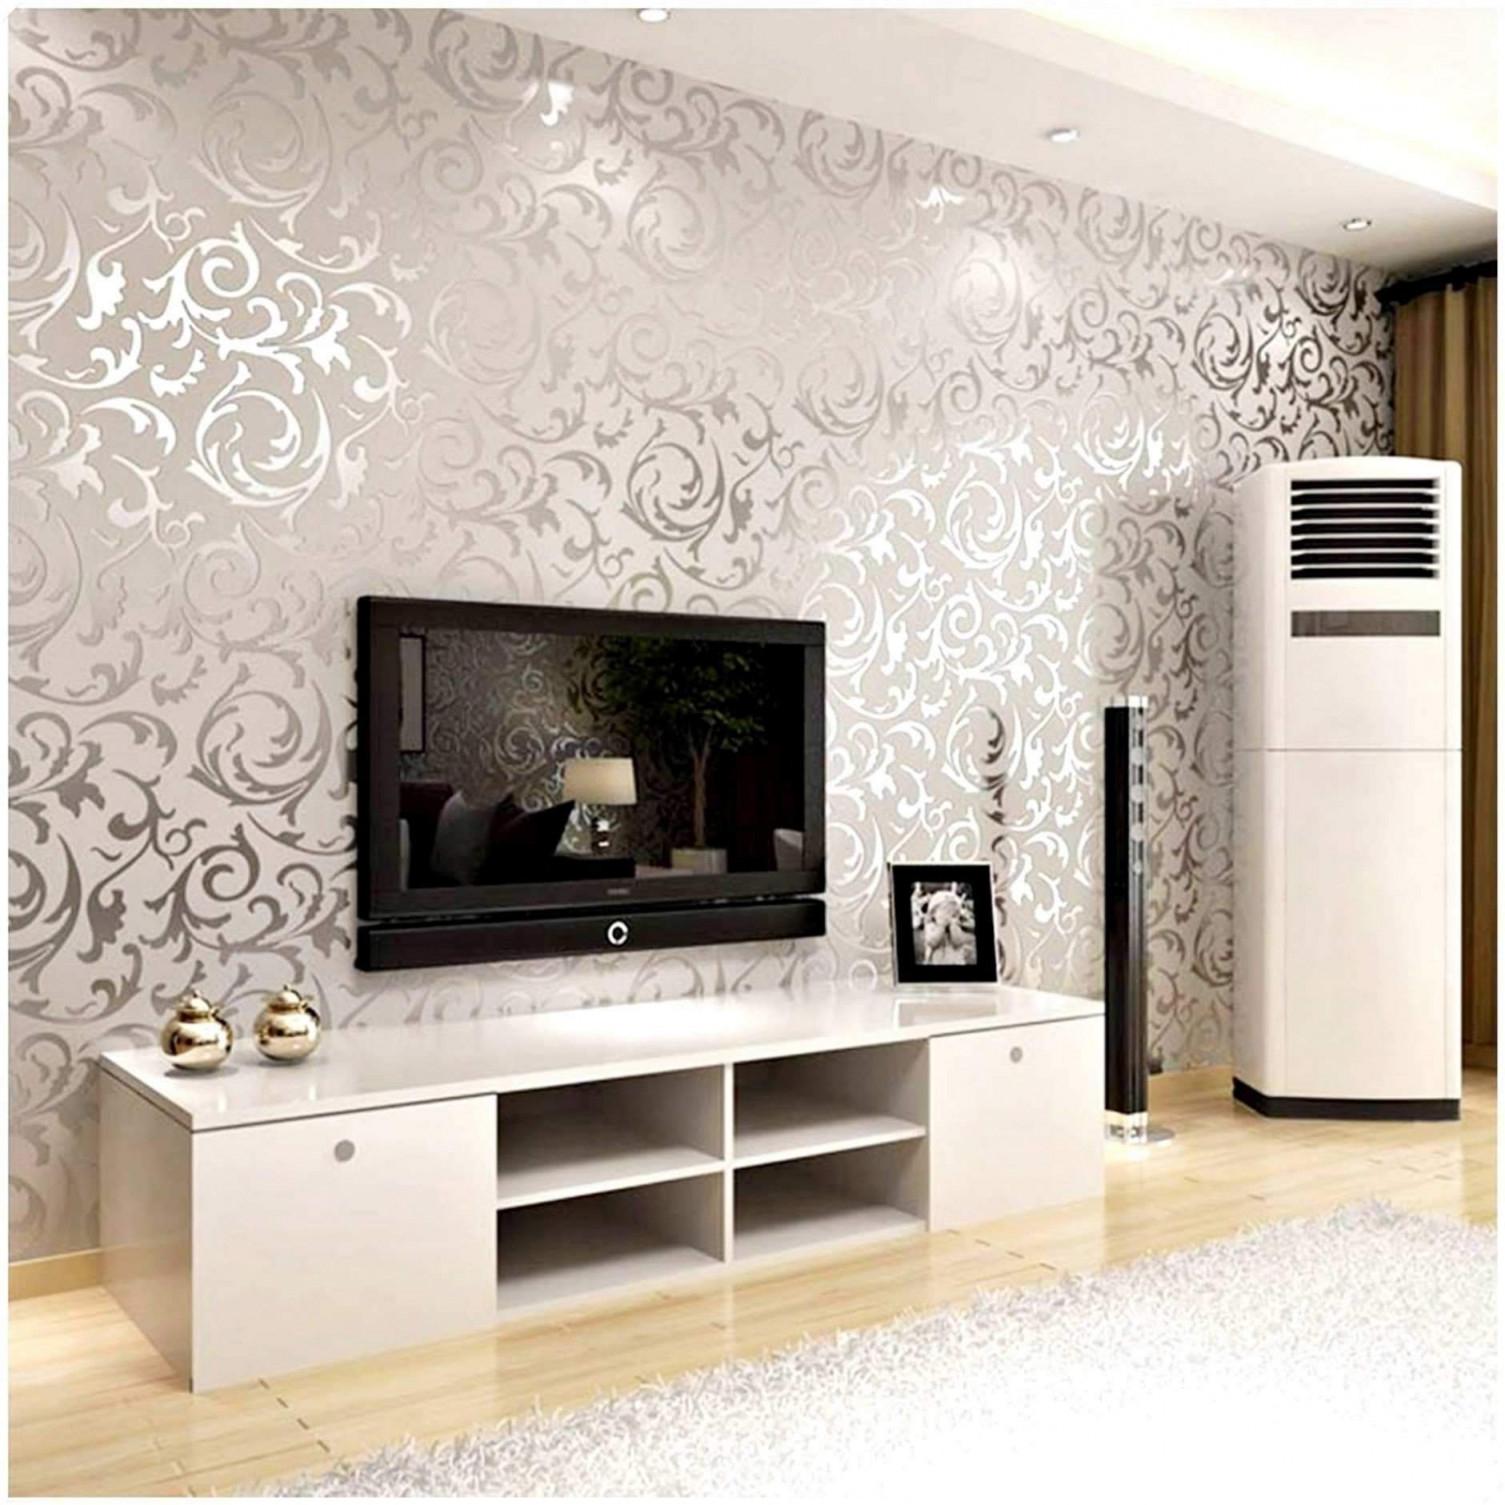 Wohnzimmer Tapete Modern Luxus 32 Frisch Tapeten Wohnzimmer von Tapeten Im Wohnzimmer Photo